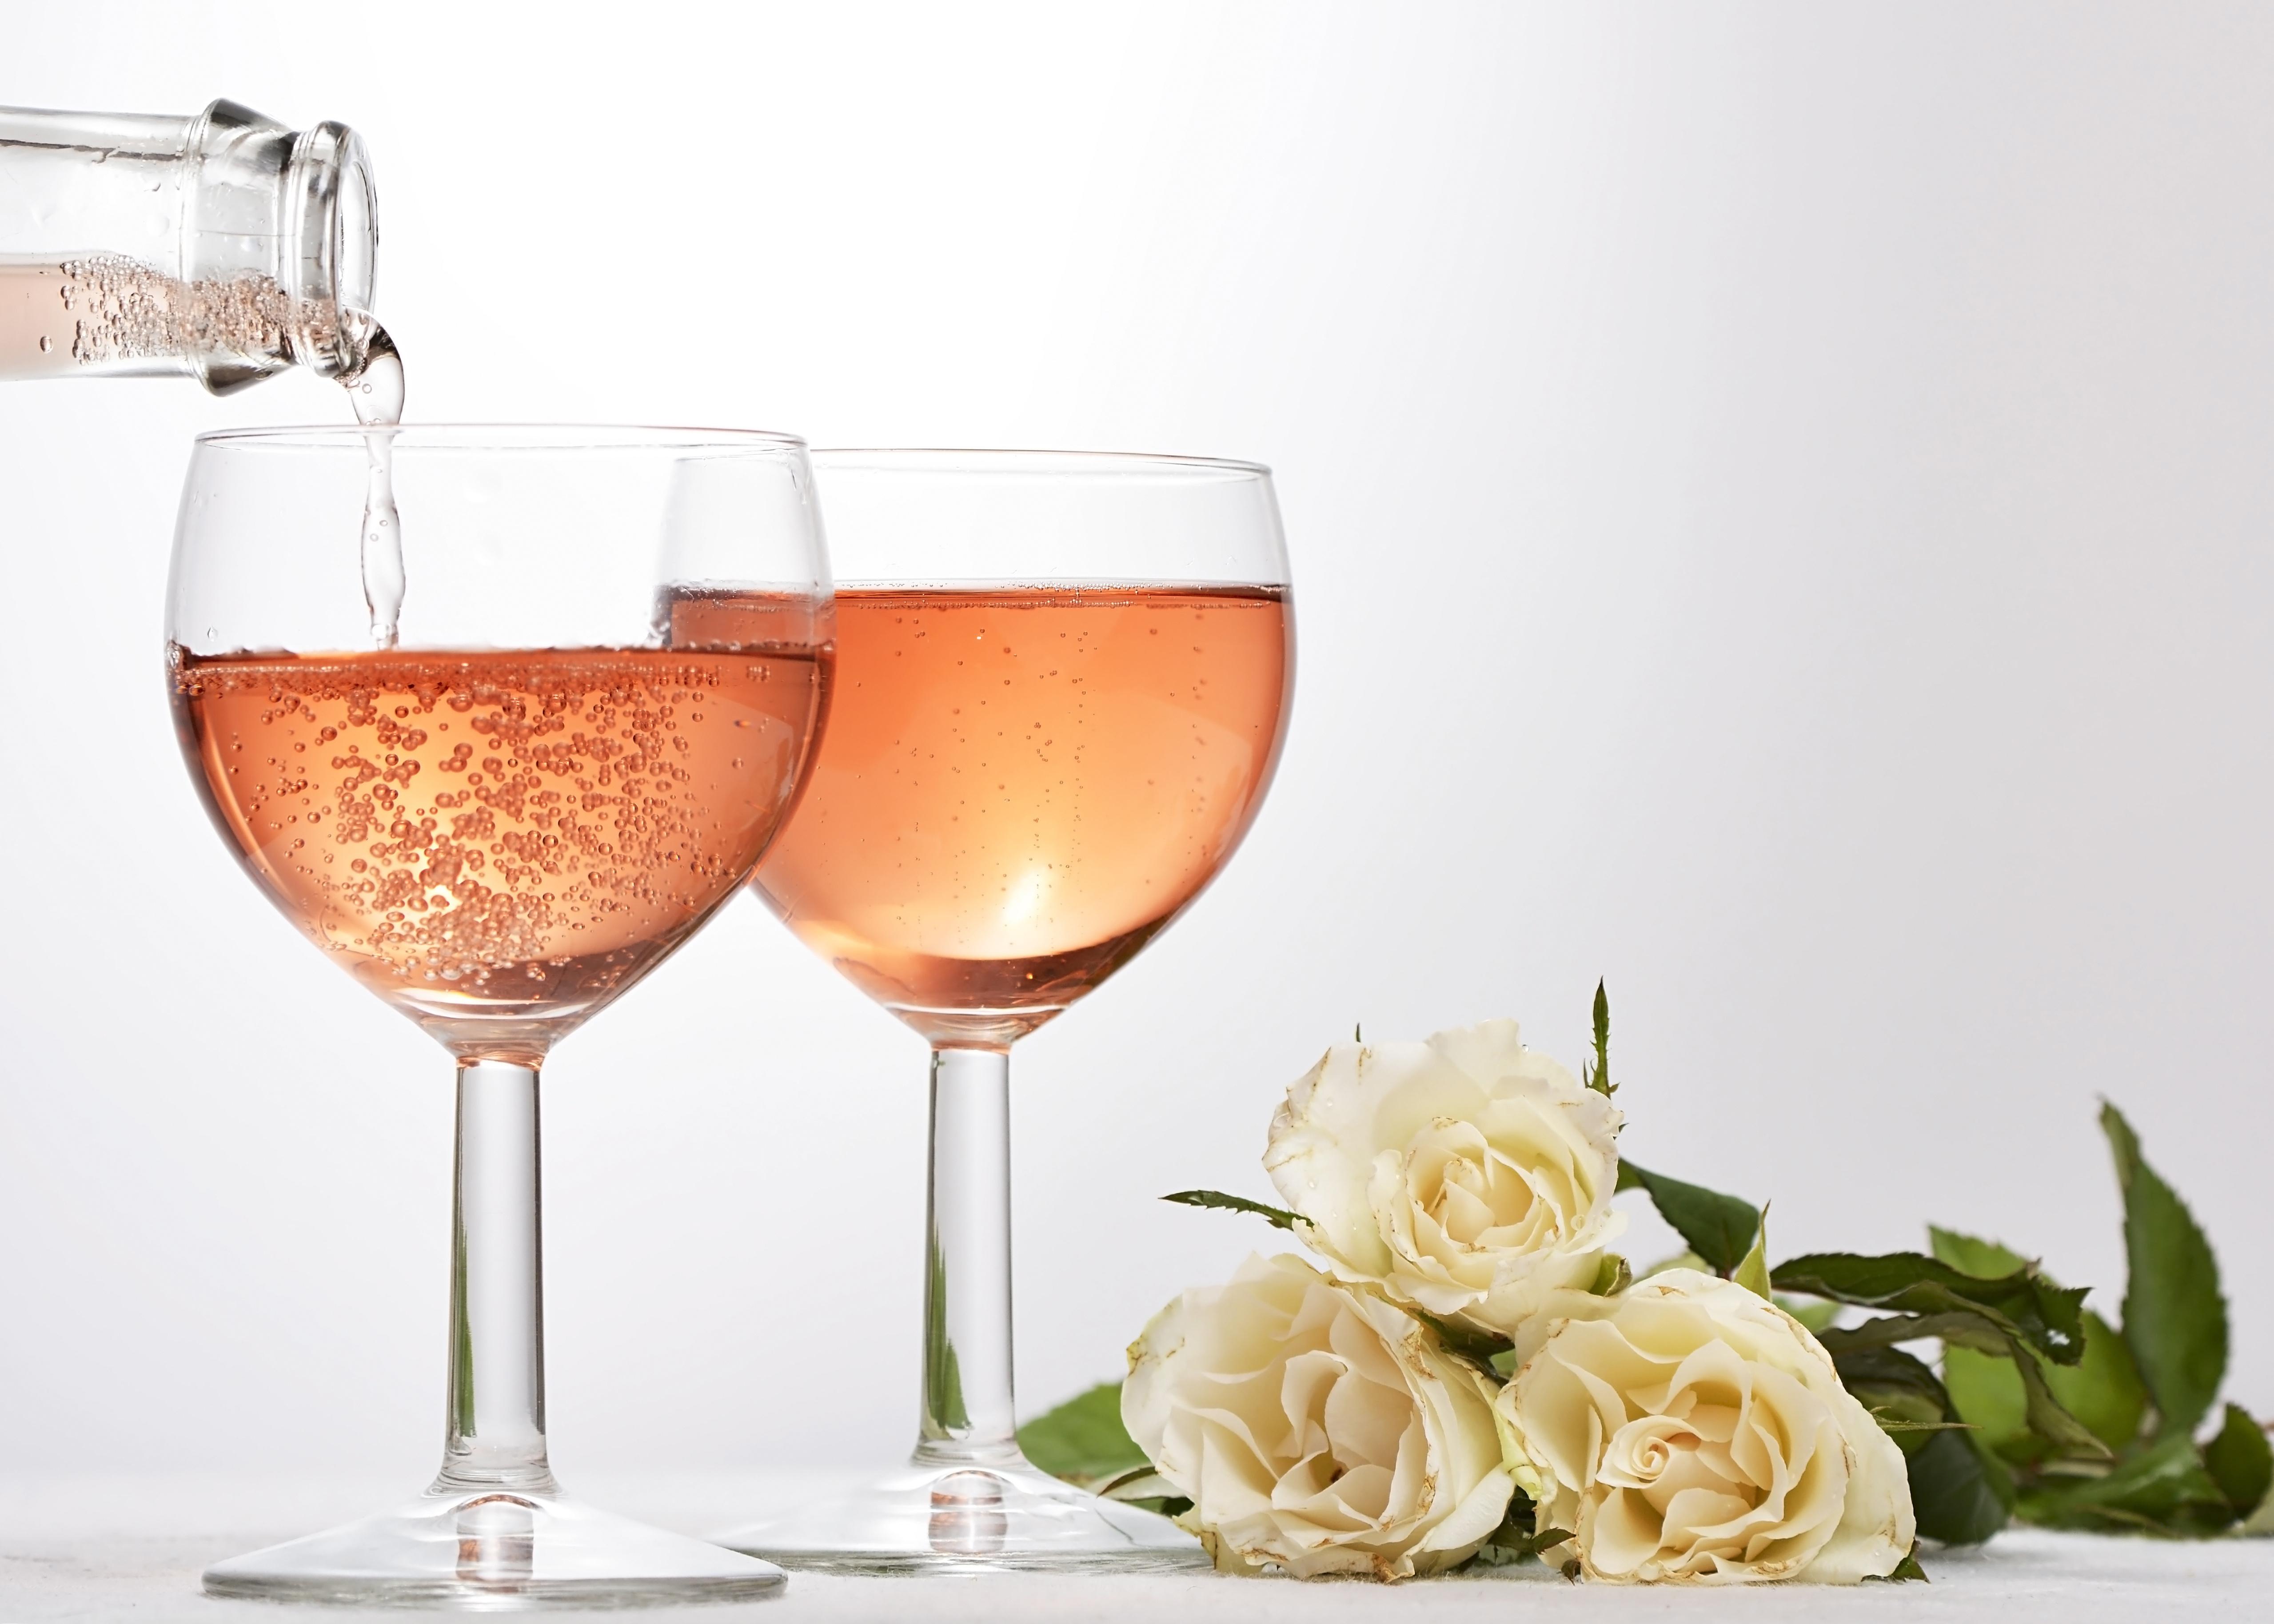 Два бокала с розами  № 750345 загрузить